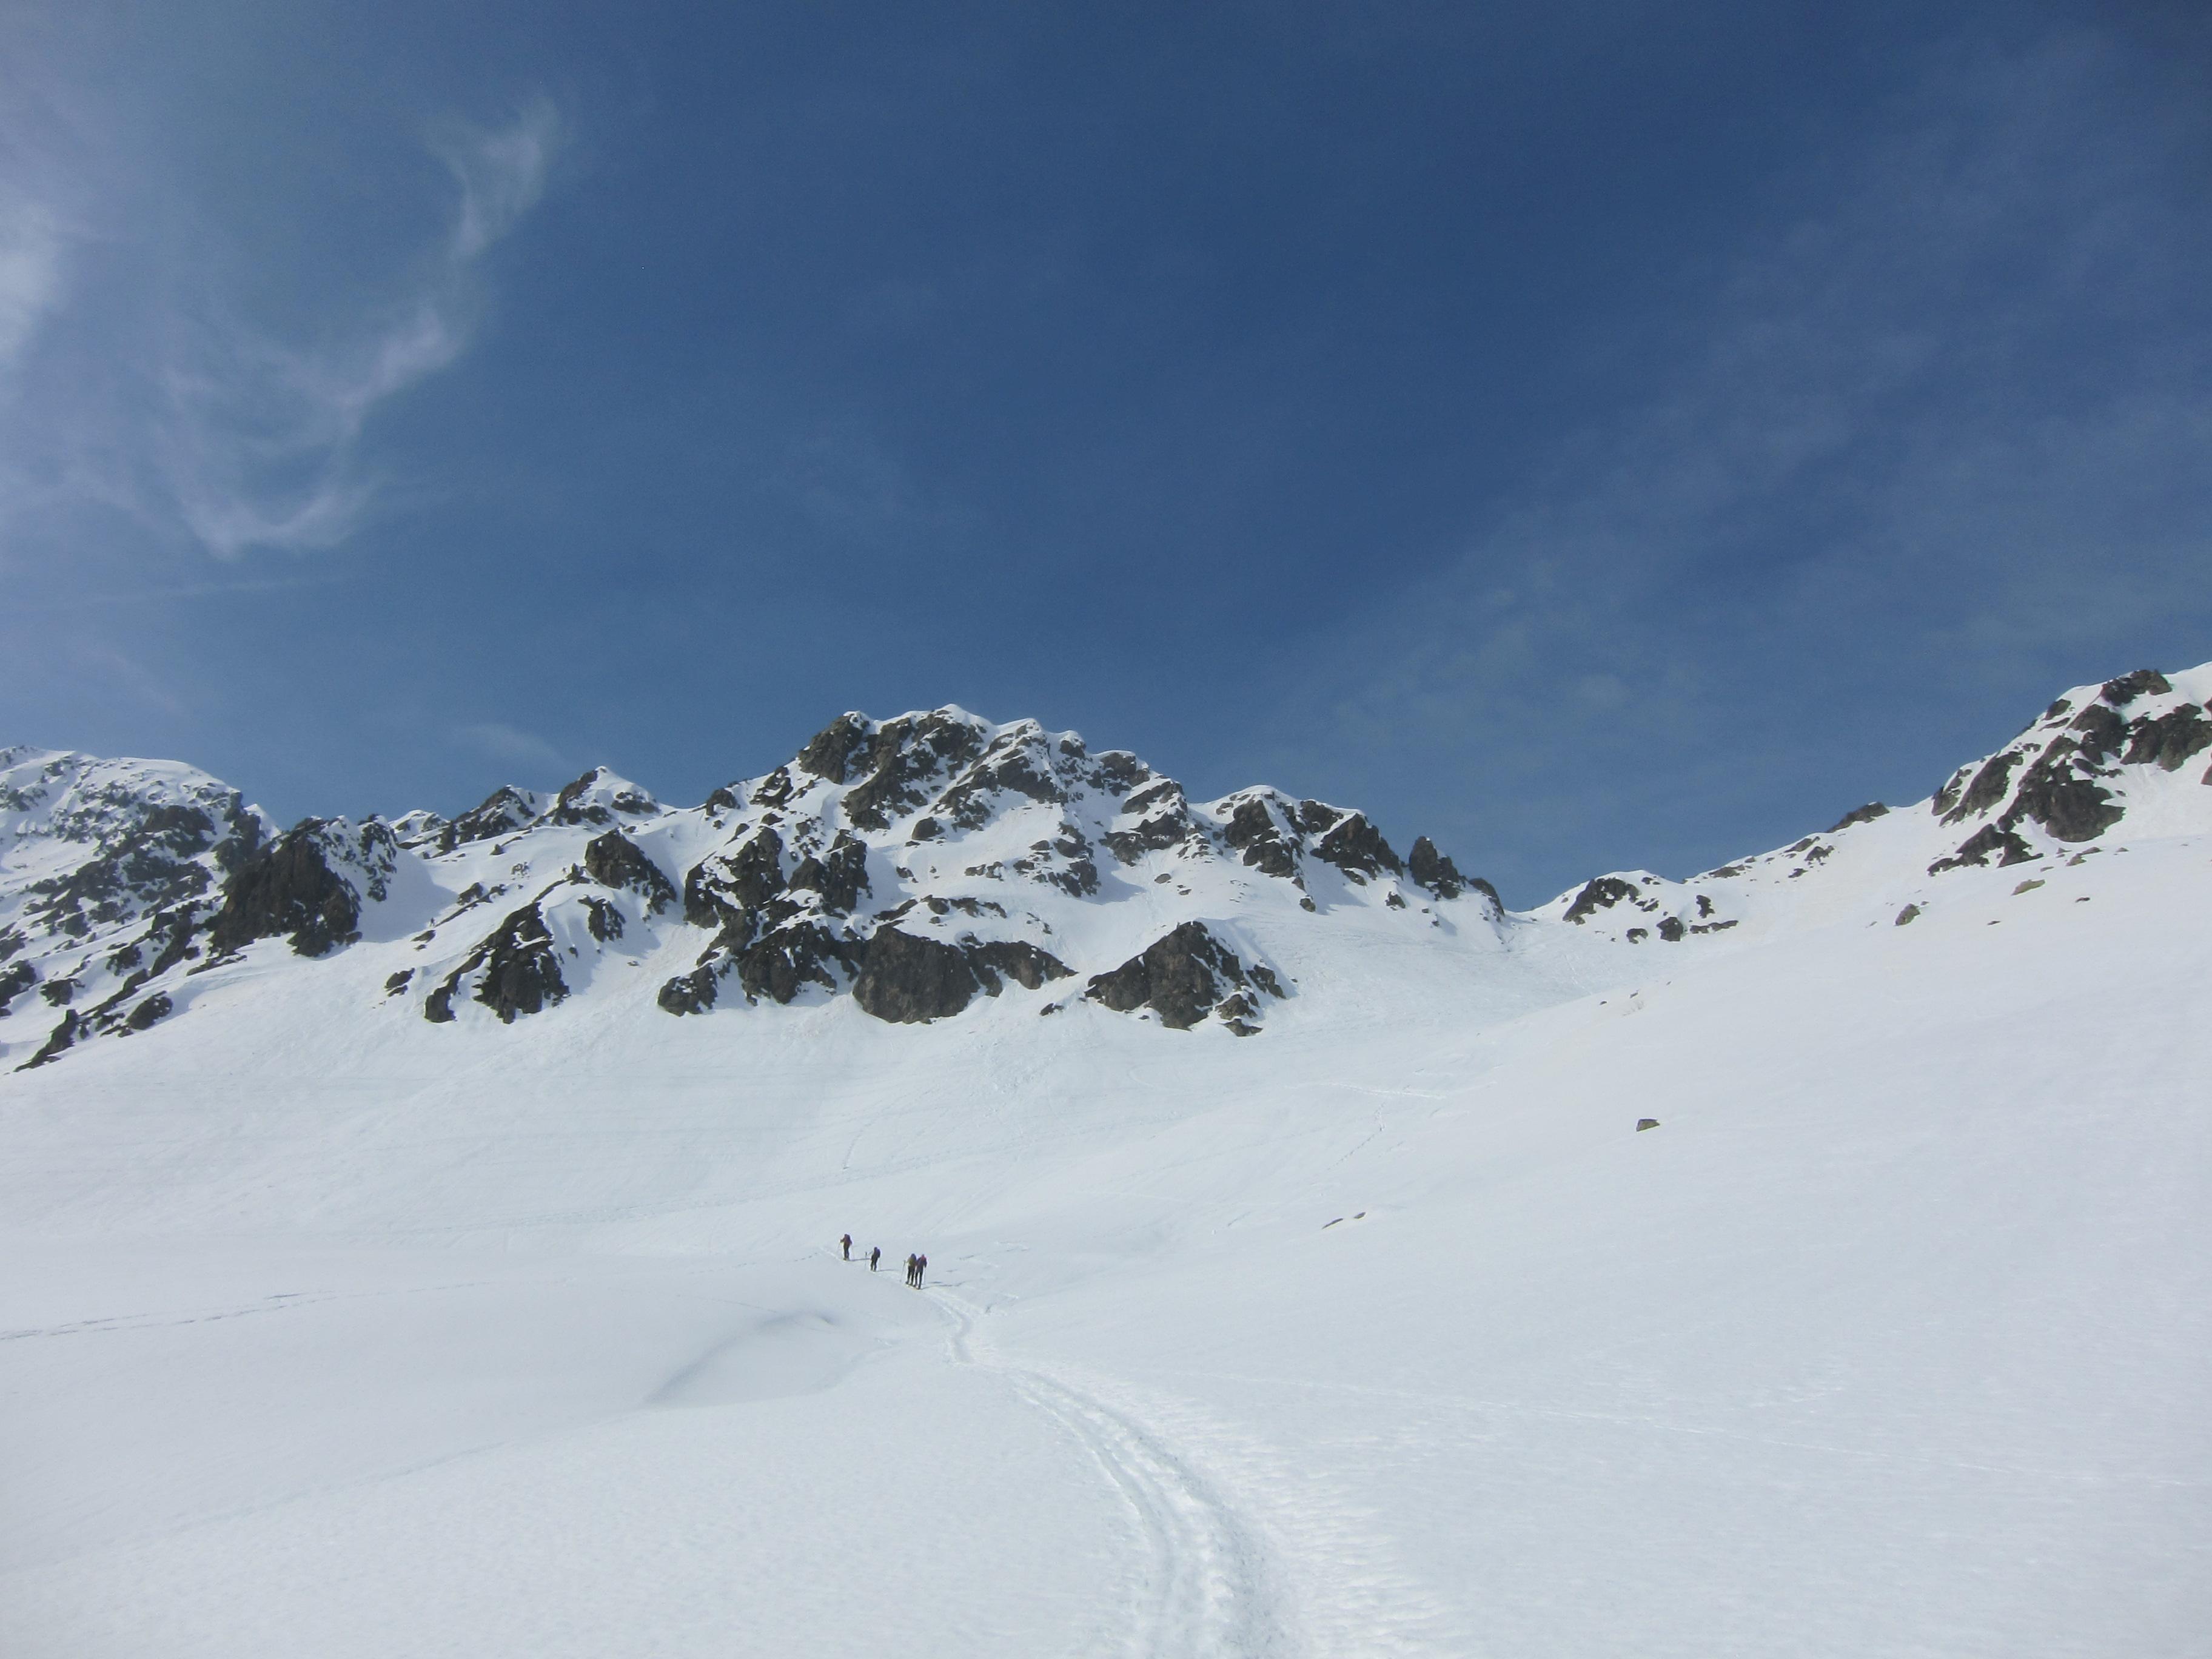 Approaching the Col de la Fenetre